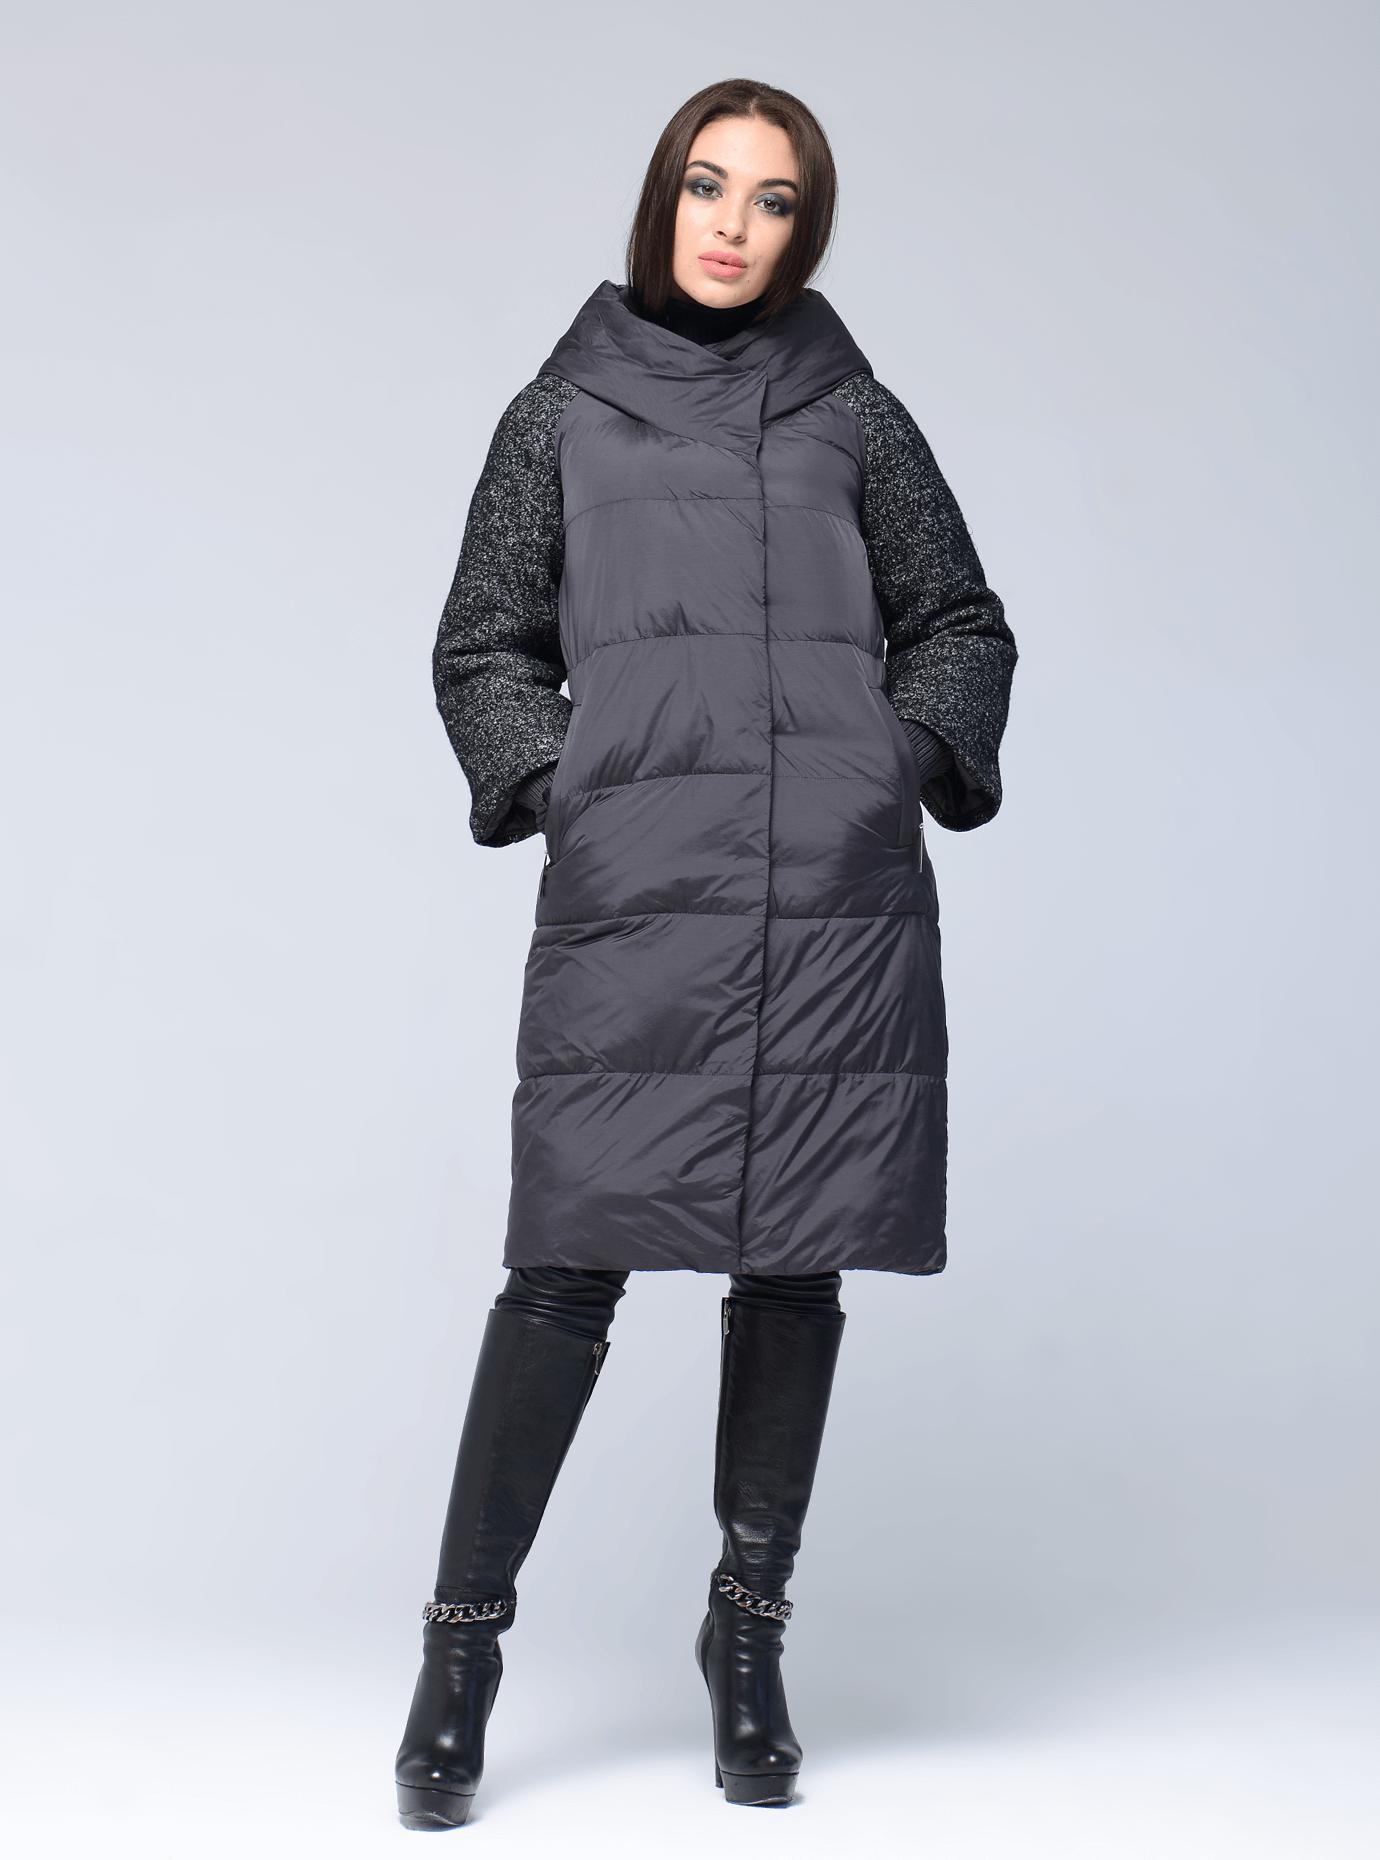 Куртка женская зимняя с манжетами Графитовый S (05-AB9050): фото - Alster.ua